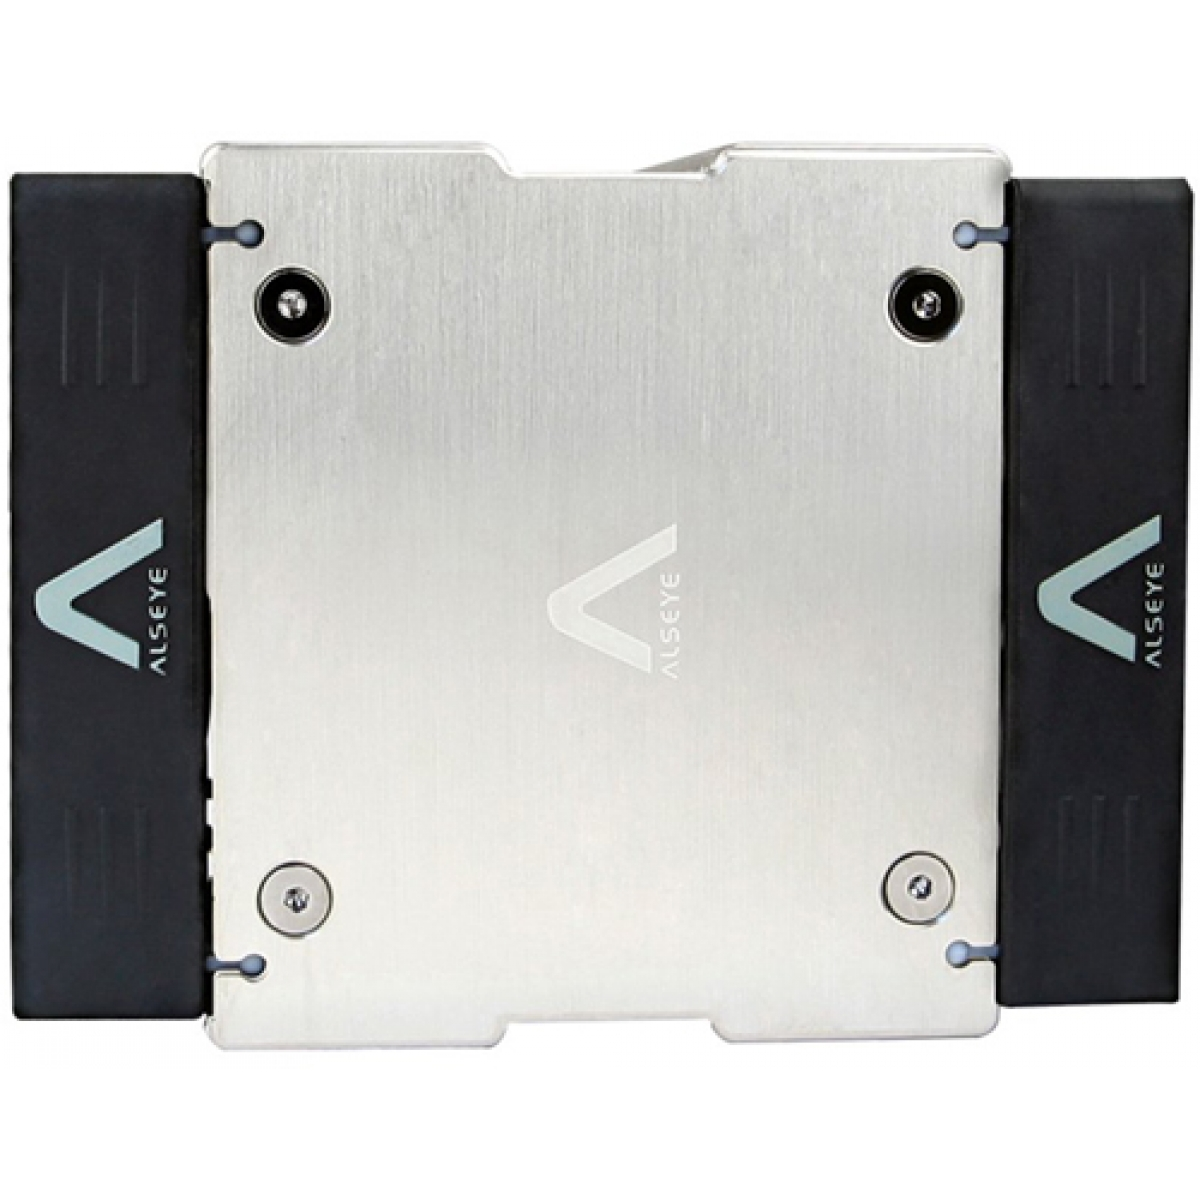 Cooler Alseye Wind Cube Intel/AMD